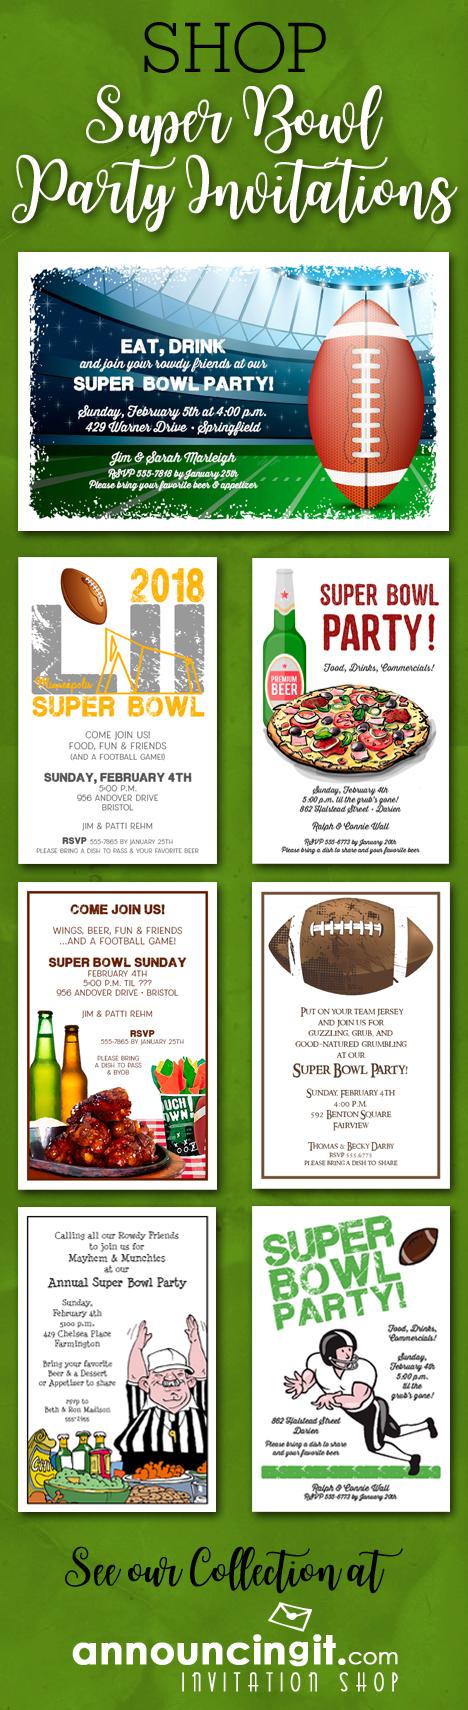 Shop Super Bowl Party Invitations at Announcingit.com